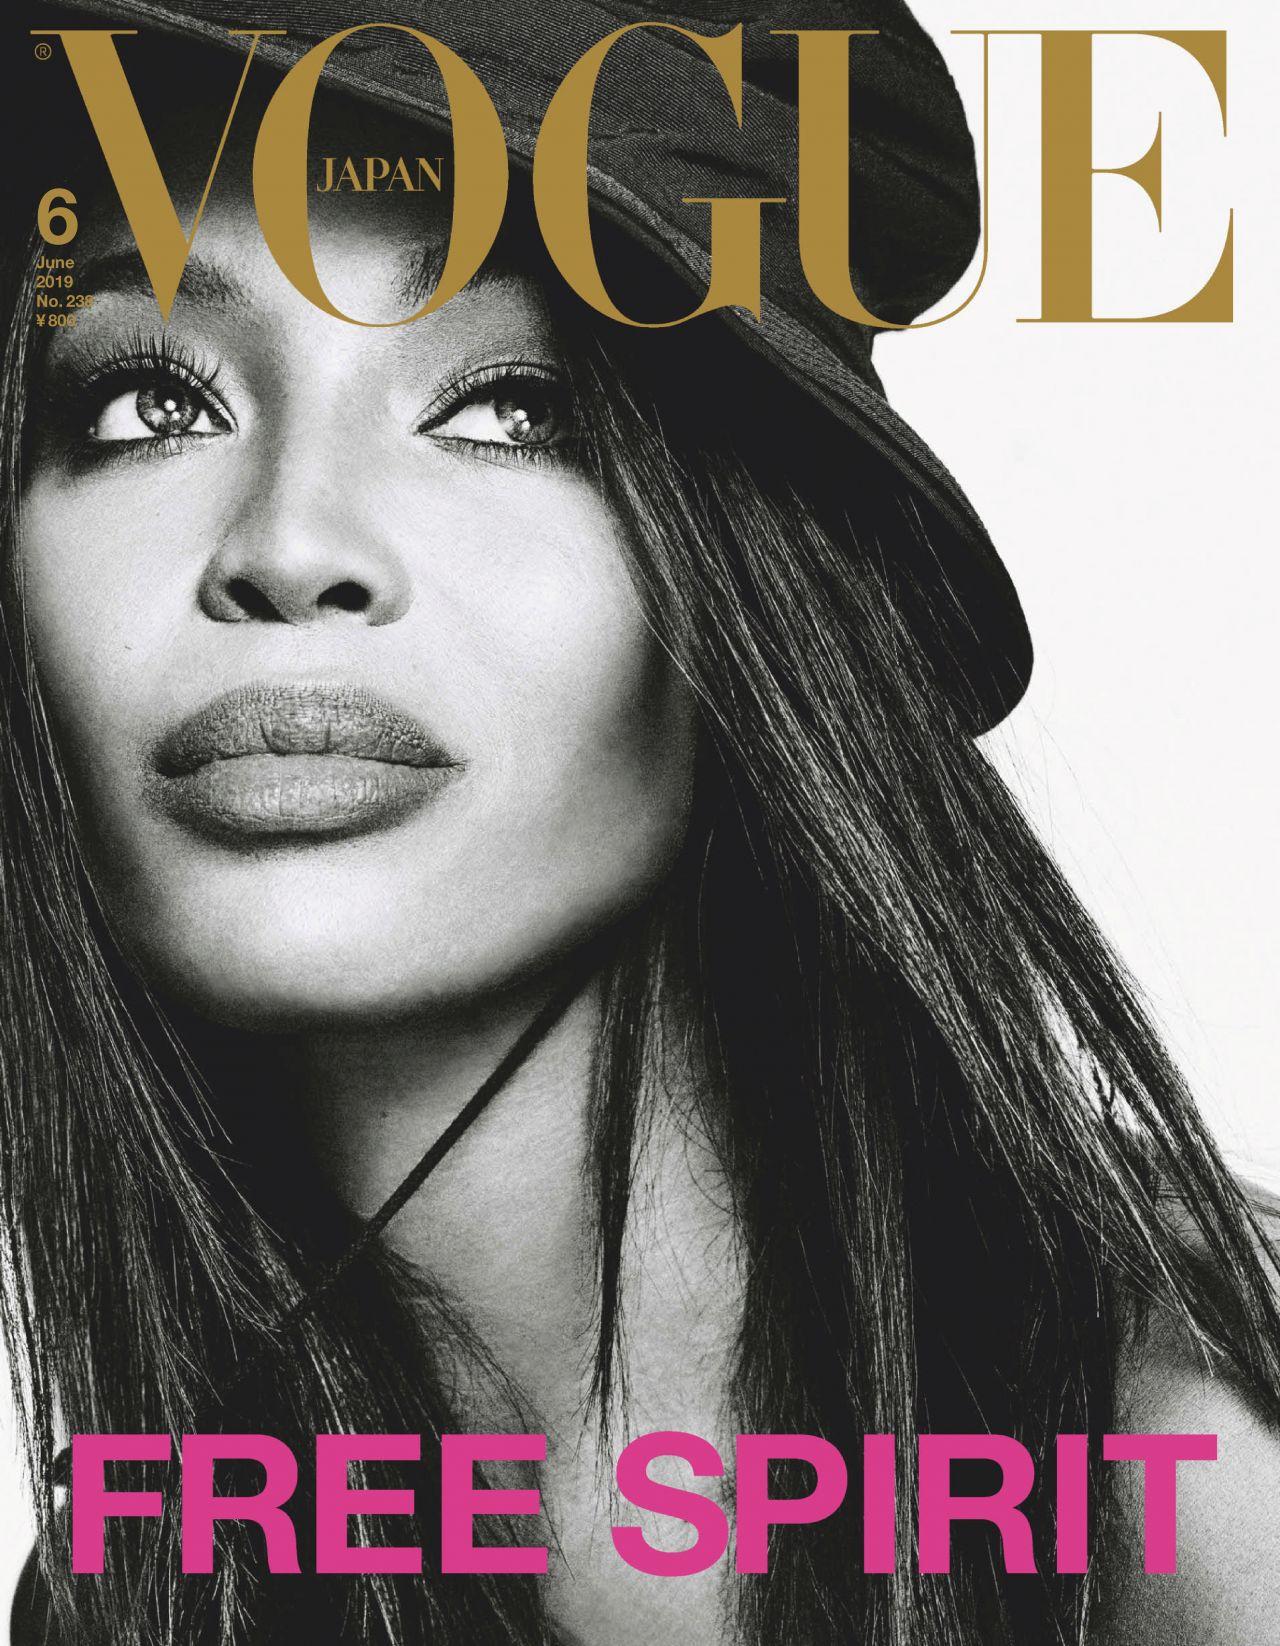 Vogue Magazine Japan June 2019 Issue